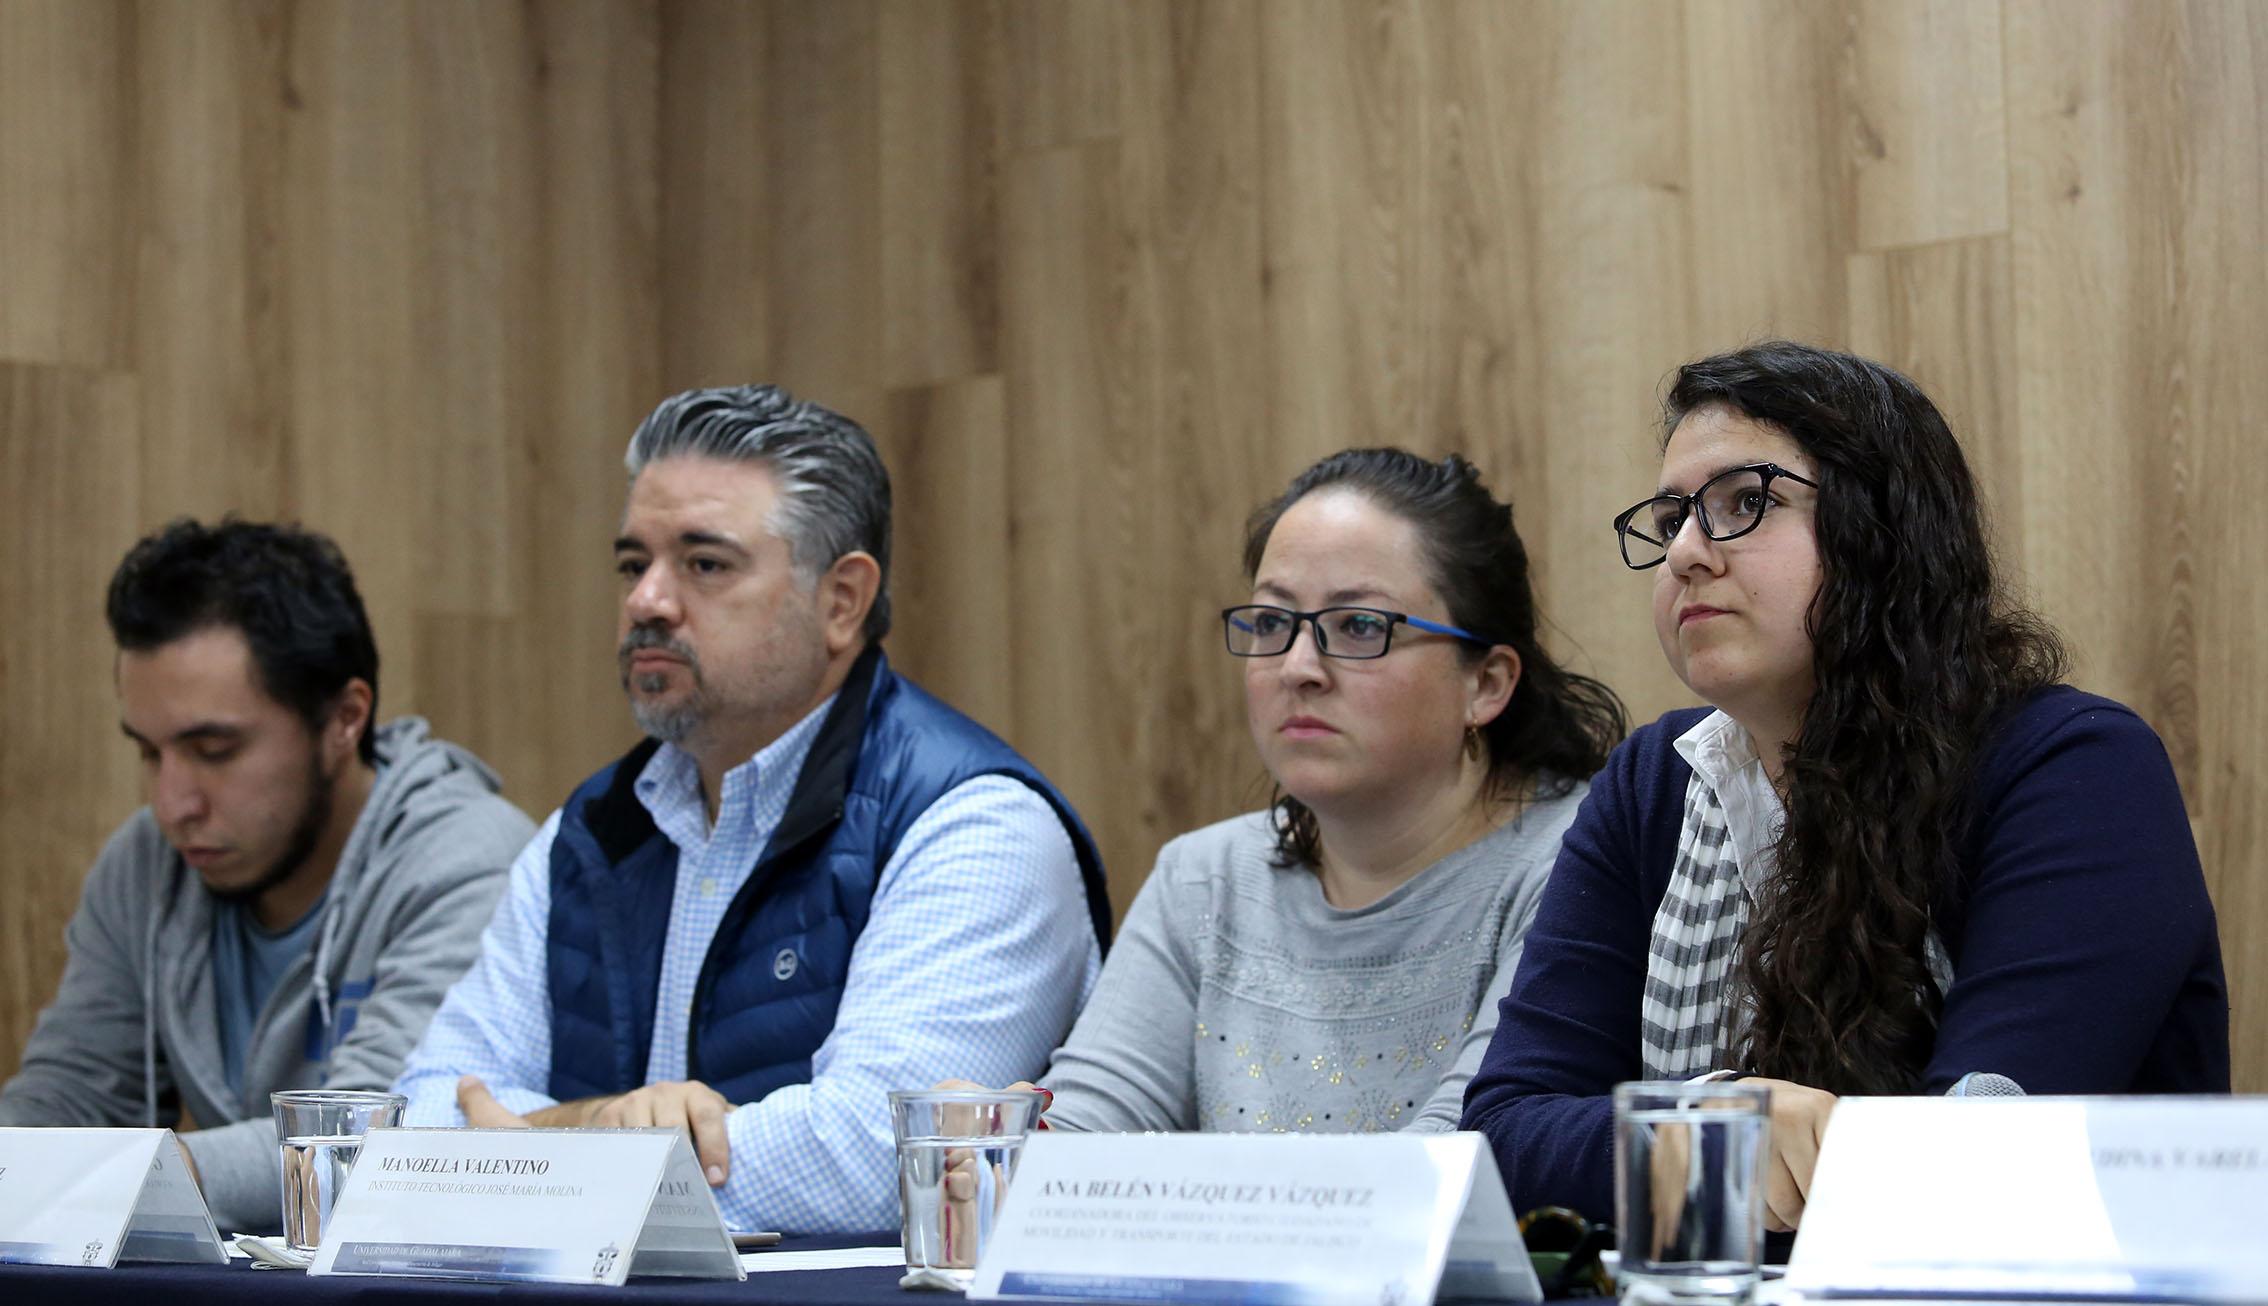 cuatro de los integrantes de la mesa de presidium de la rueda de prensa